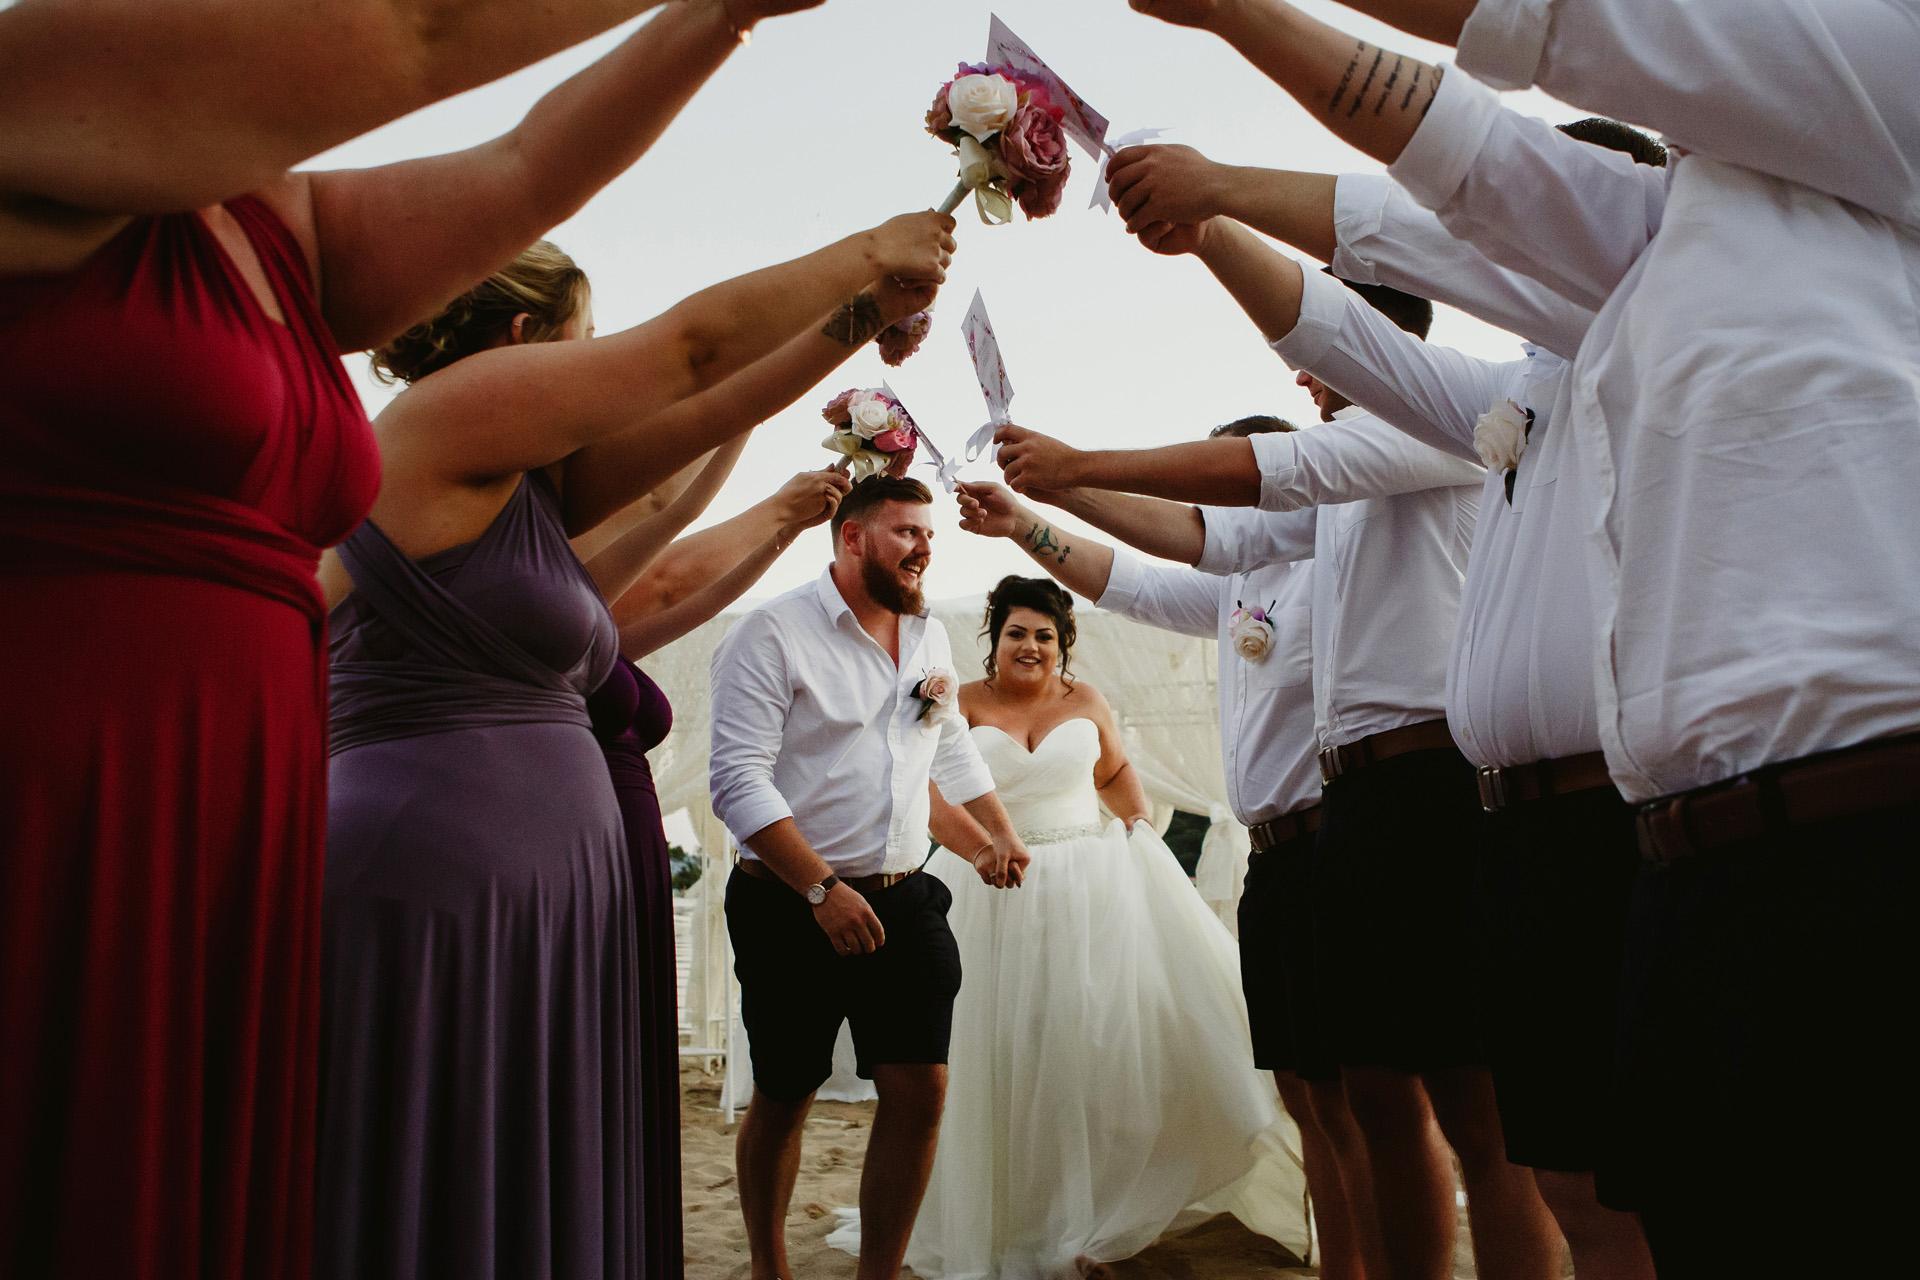 Fotografía de bodas en Billy's Beach, Fethiye, Mugla, Turquía | las damas de honor y los padrinos de boda hicieron un pasillo para la entrada de la pareja